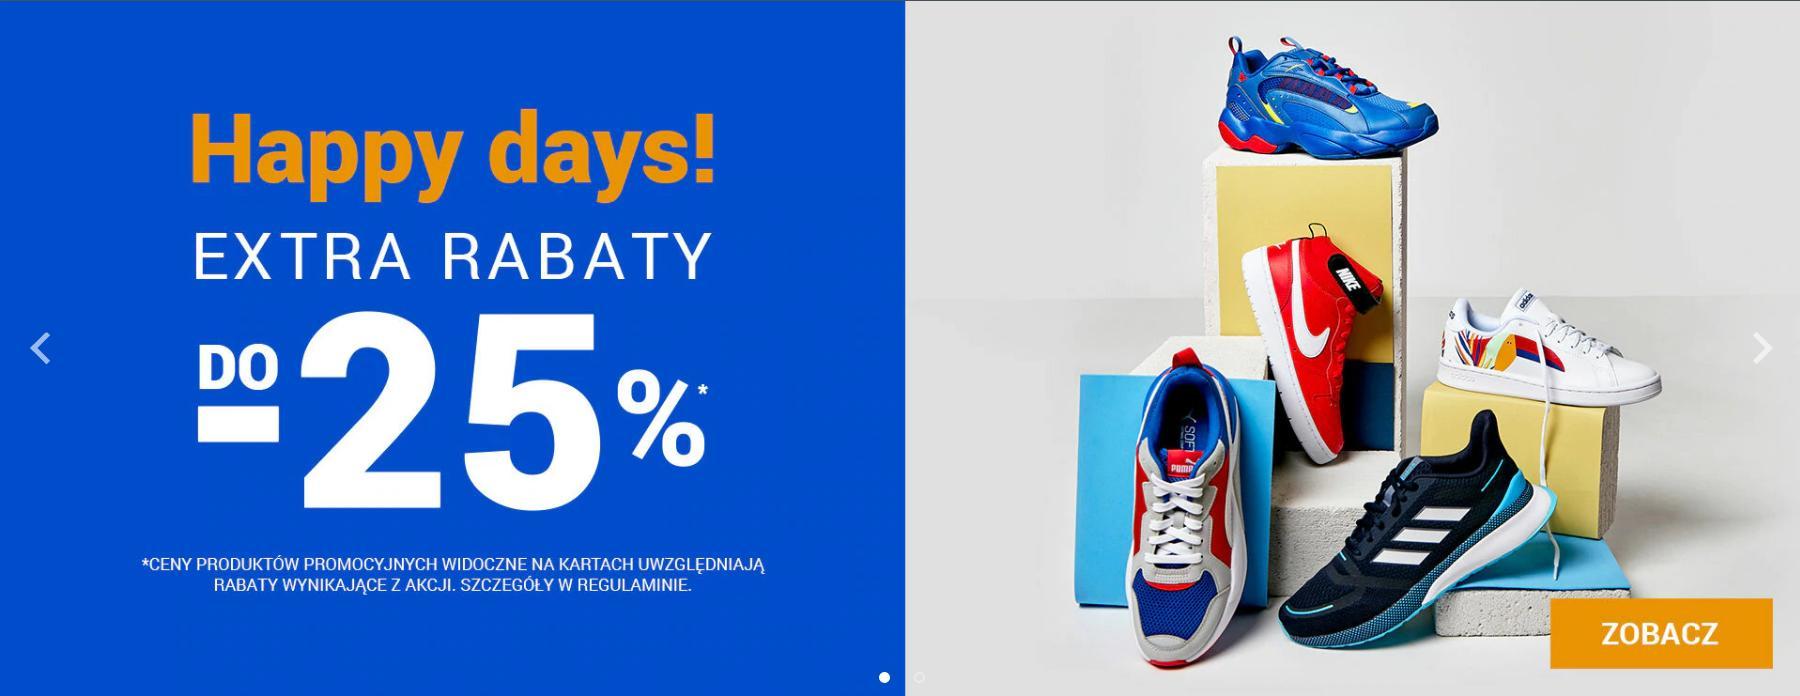 ButySportowe.pl: Happy Days do 25% rabatu na buty i ubrania sportowe